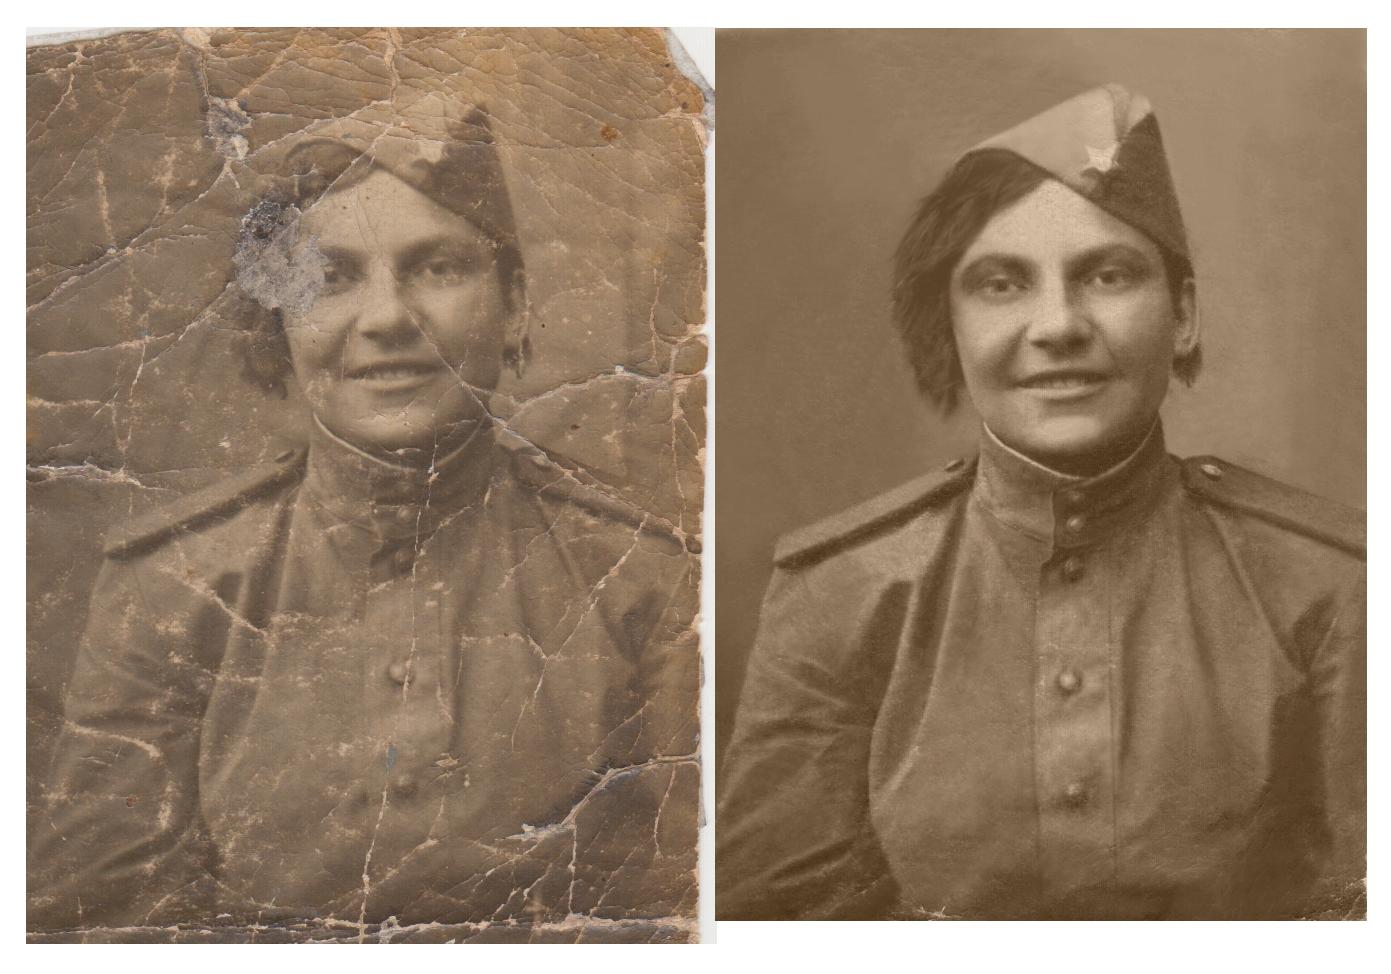 оба произведения, как ретушировать старые фотографии требует